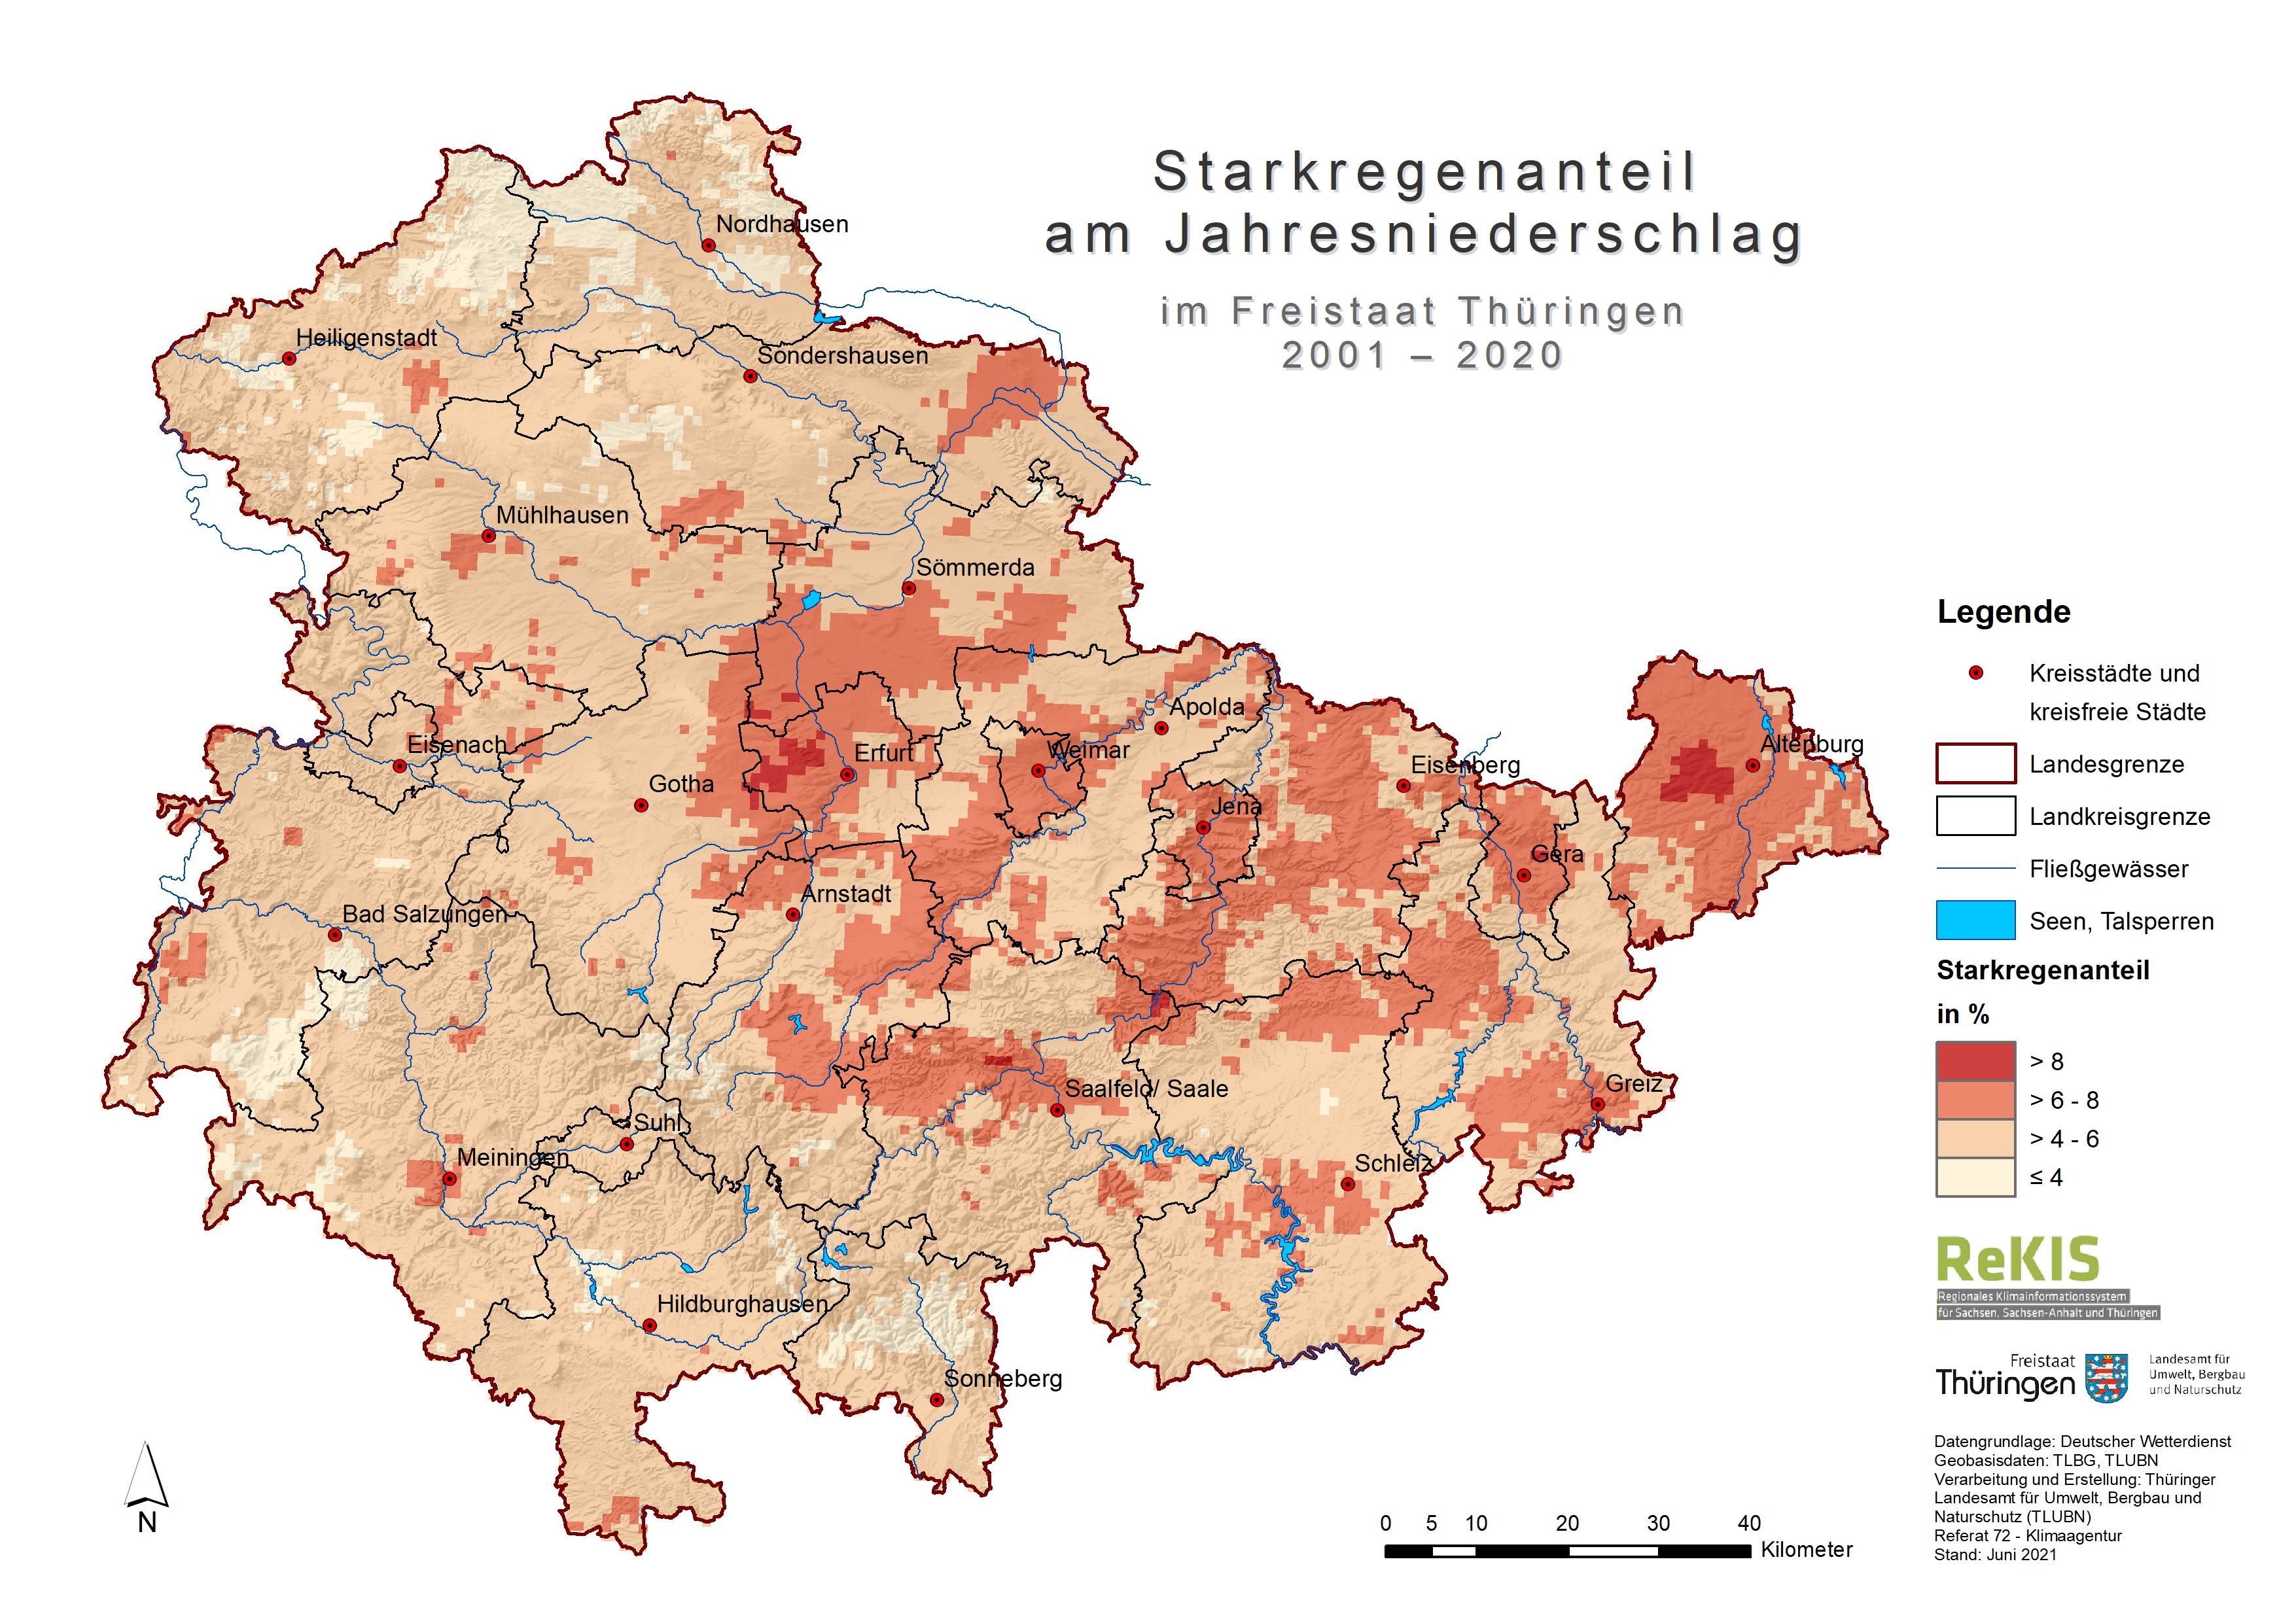 StarkregenAnteil_am_Jahresniederschl_2001_2020_LK_Gr